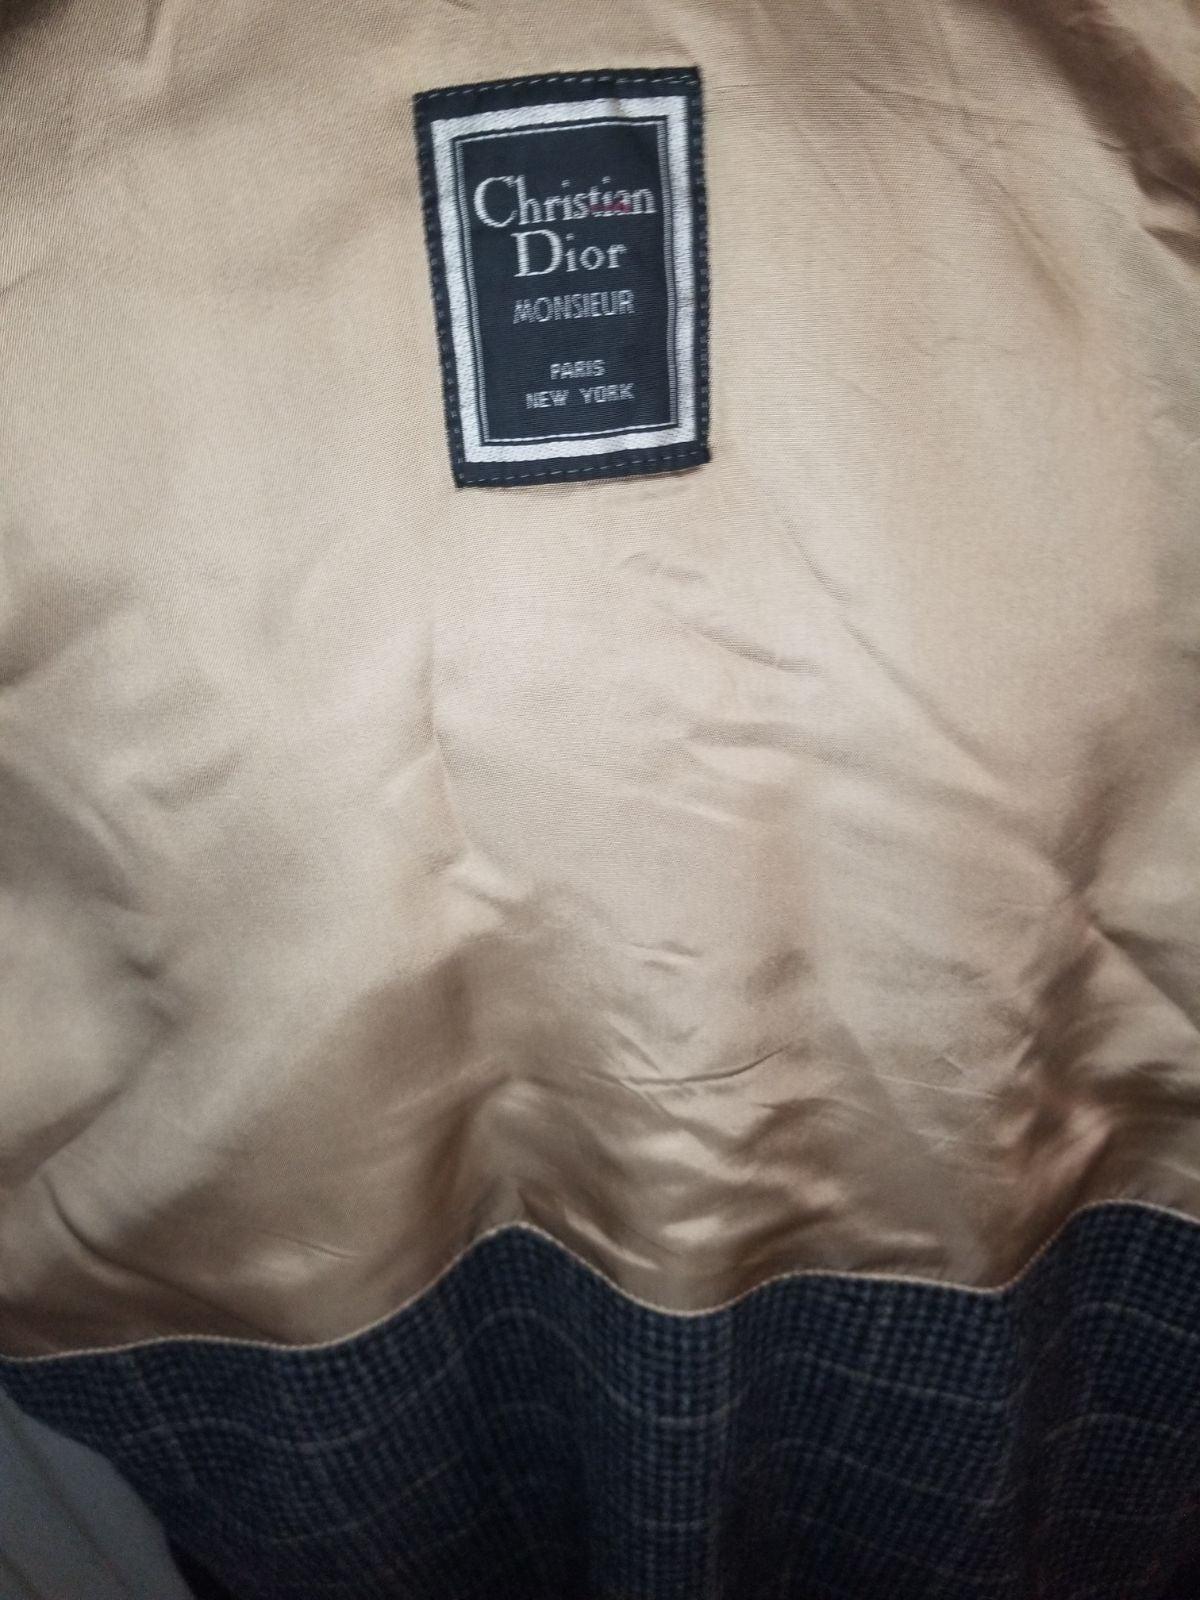 **AUTHENTIC** Vintage Christian Dior Men